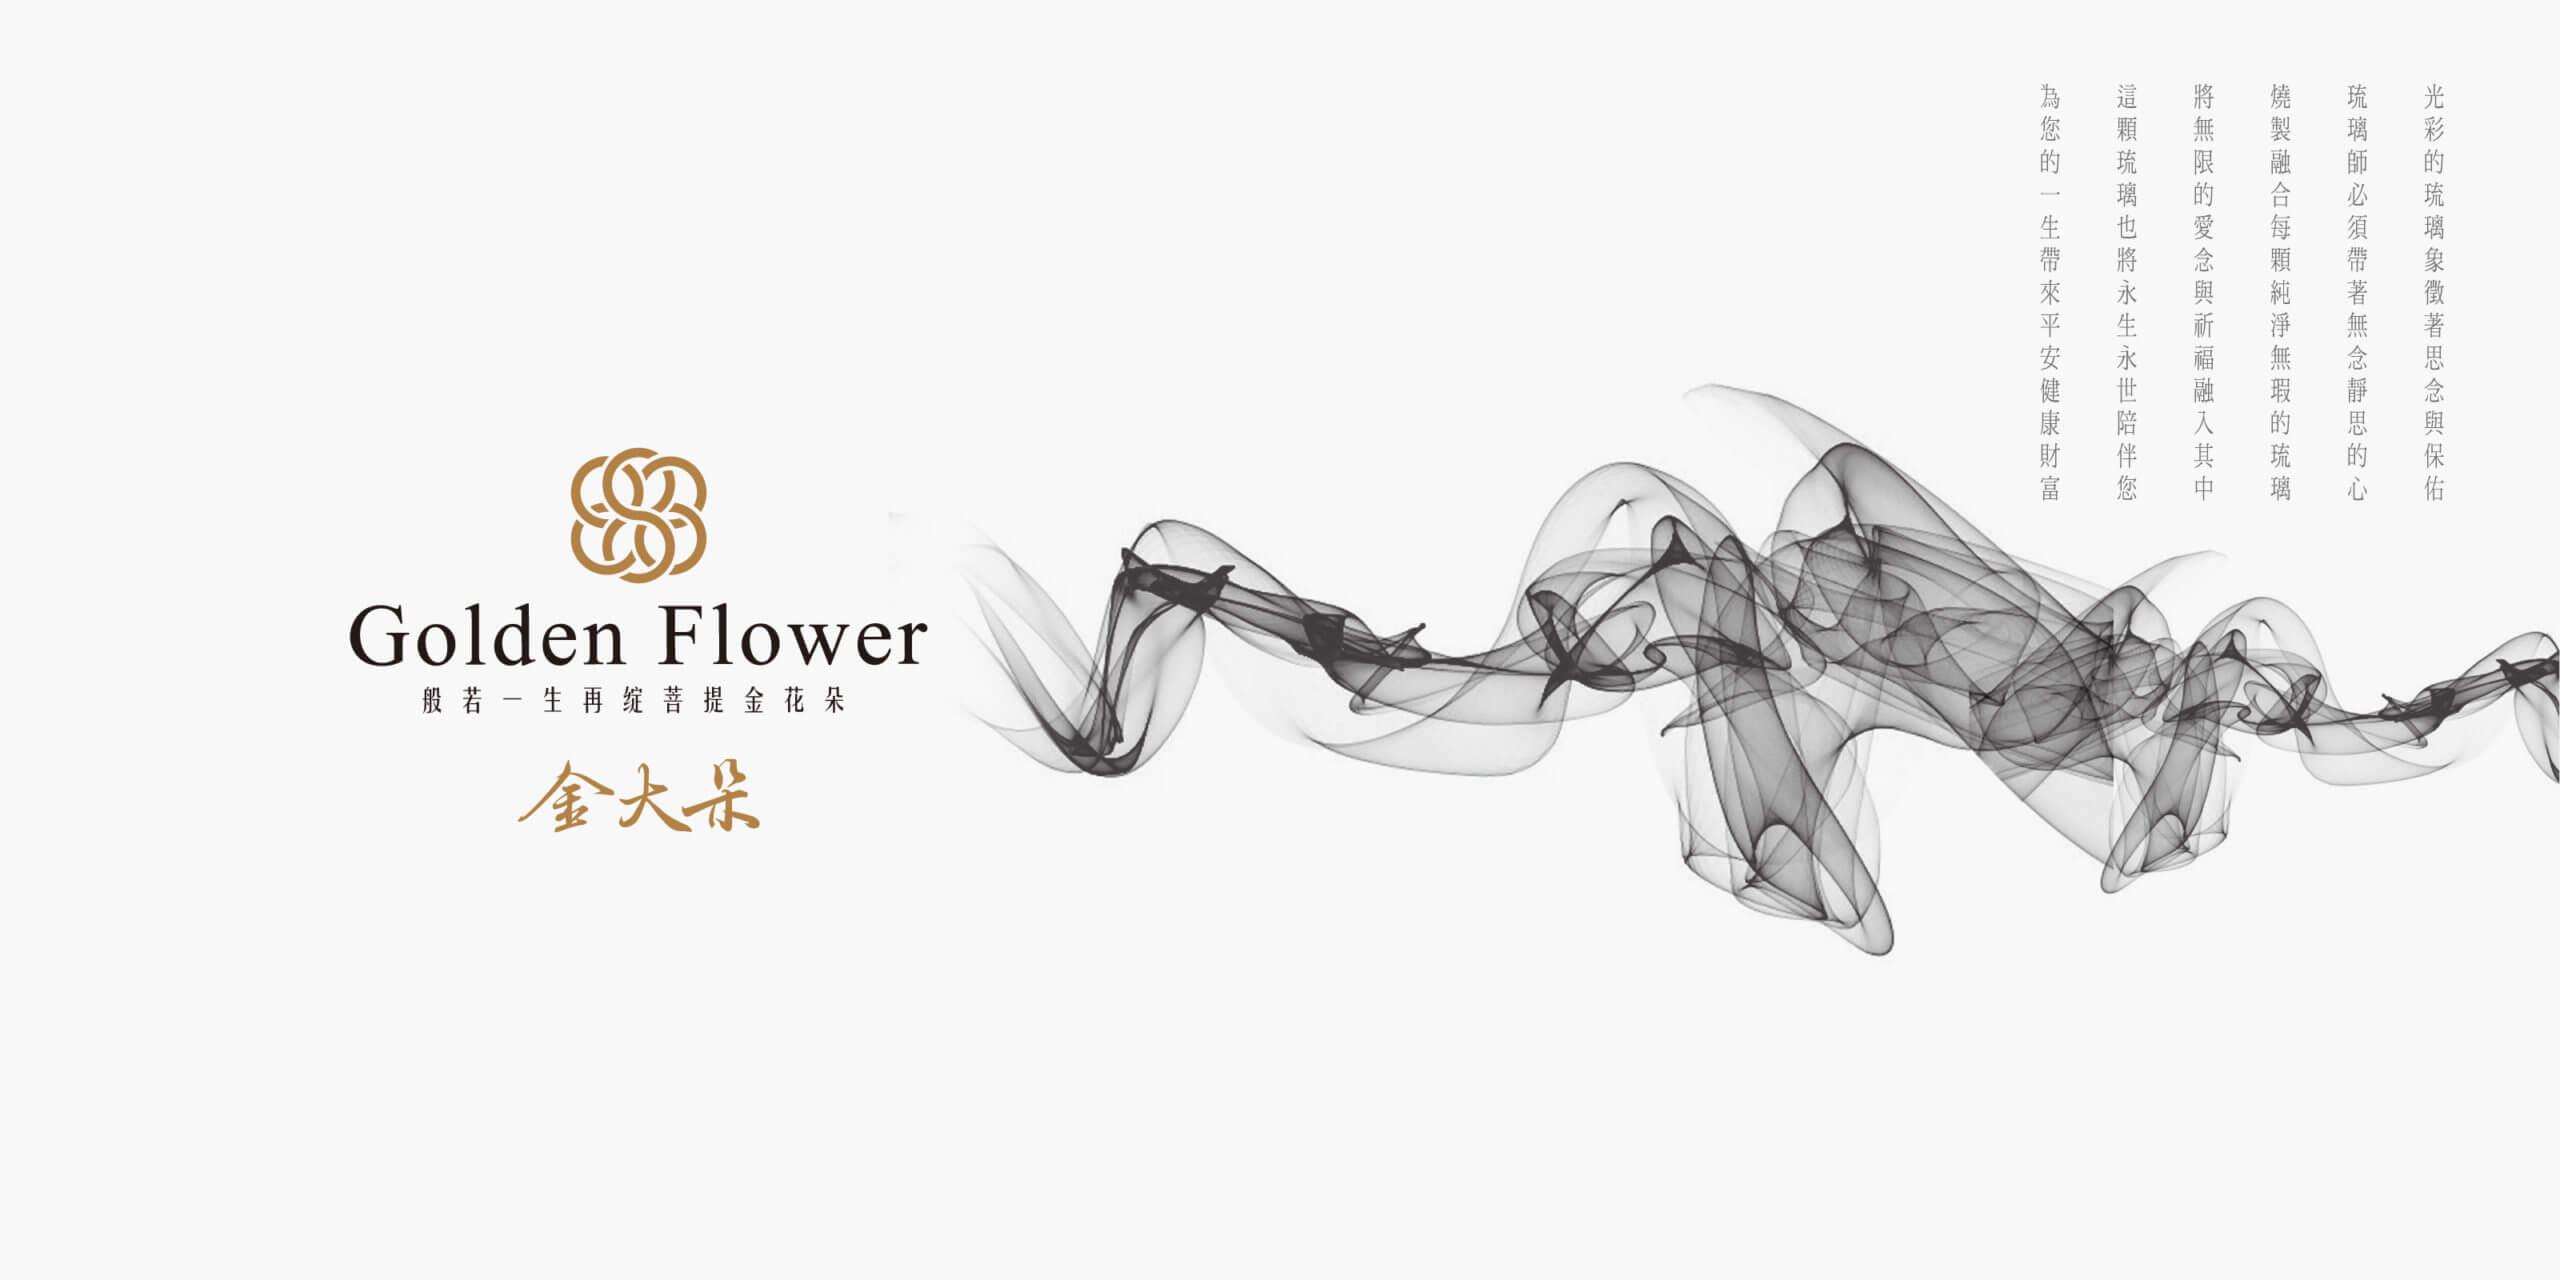 金大朵是一個專注在骨灰紀念飾品專業團隊。金大朵在琉璃的世界中,數千個日子裡,終於開發出獨家技術的寶石級琉璃,可承載內容物有髮絲,骨灰或舍利子。